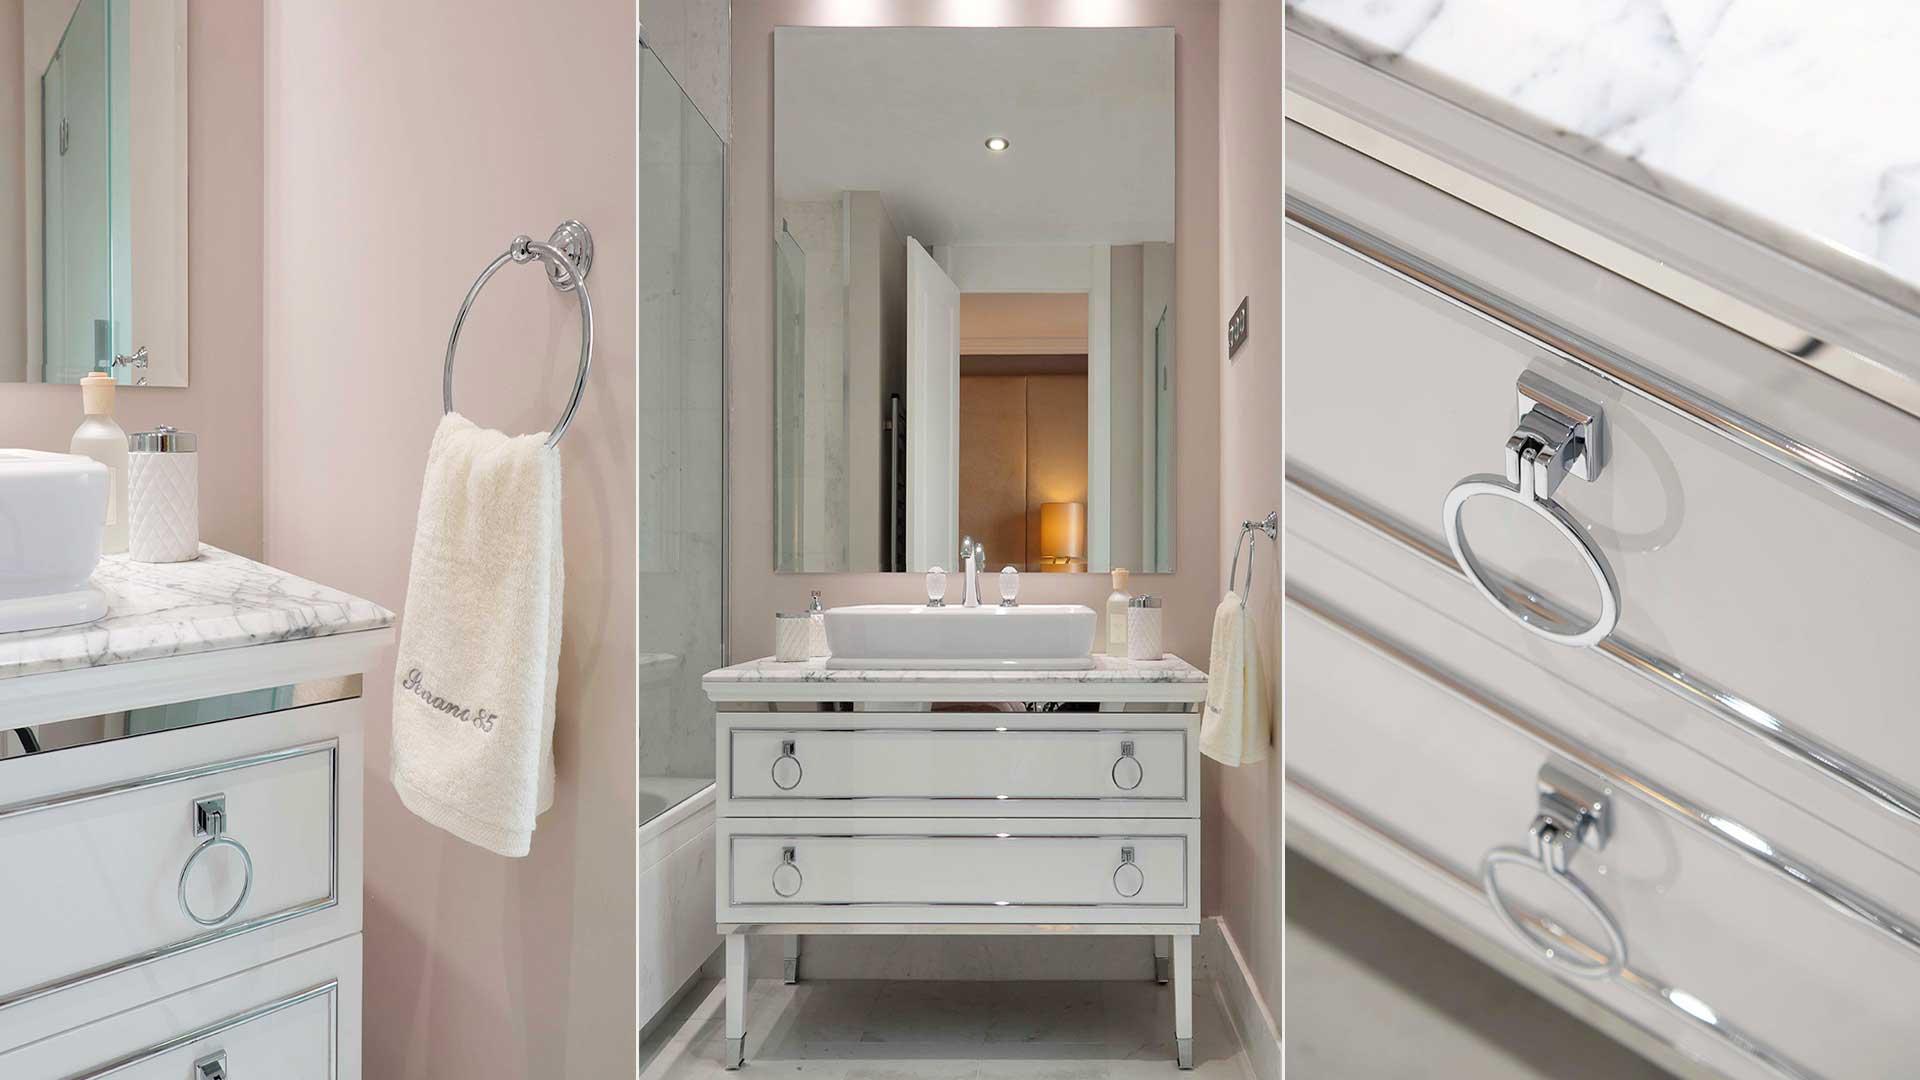 MADRID-RESIDENTIAL-APARTMENT-10-Dome-interior-design-Geneve-Suisse